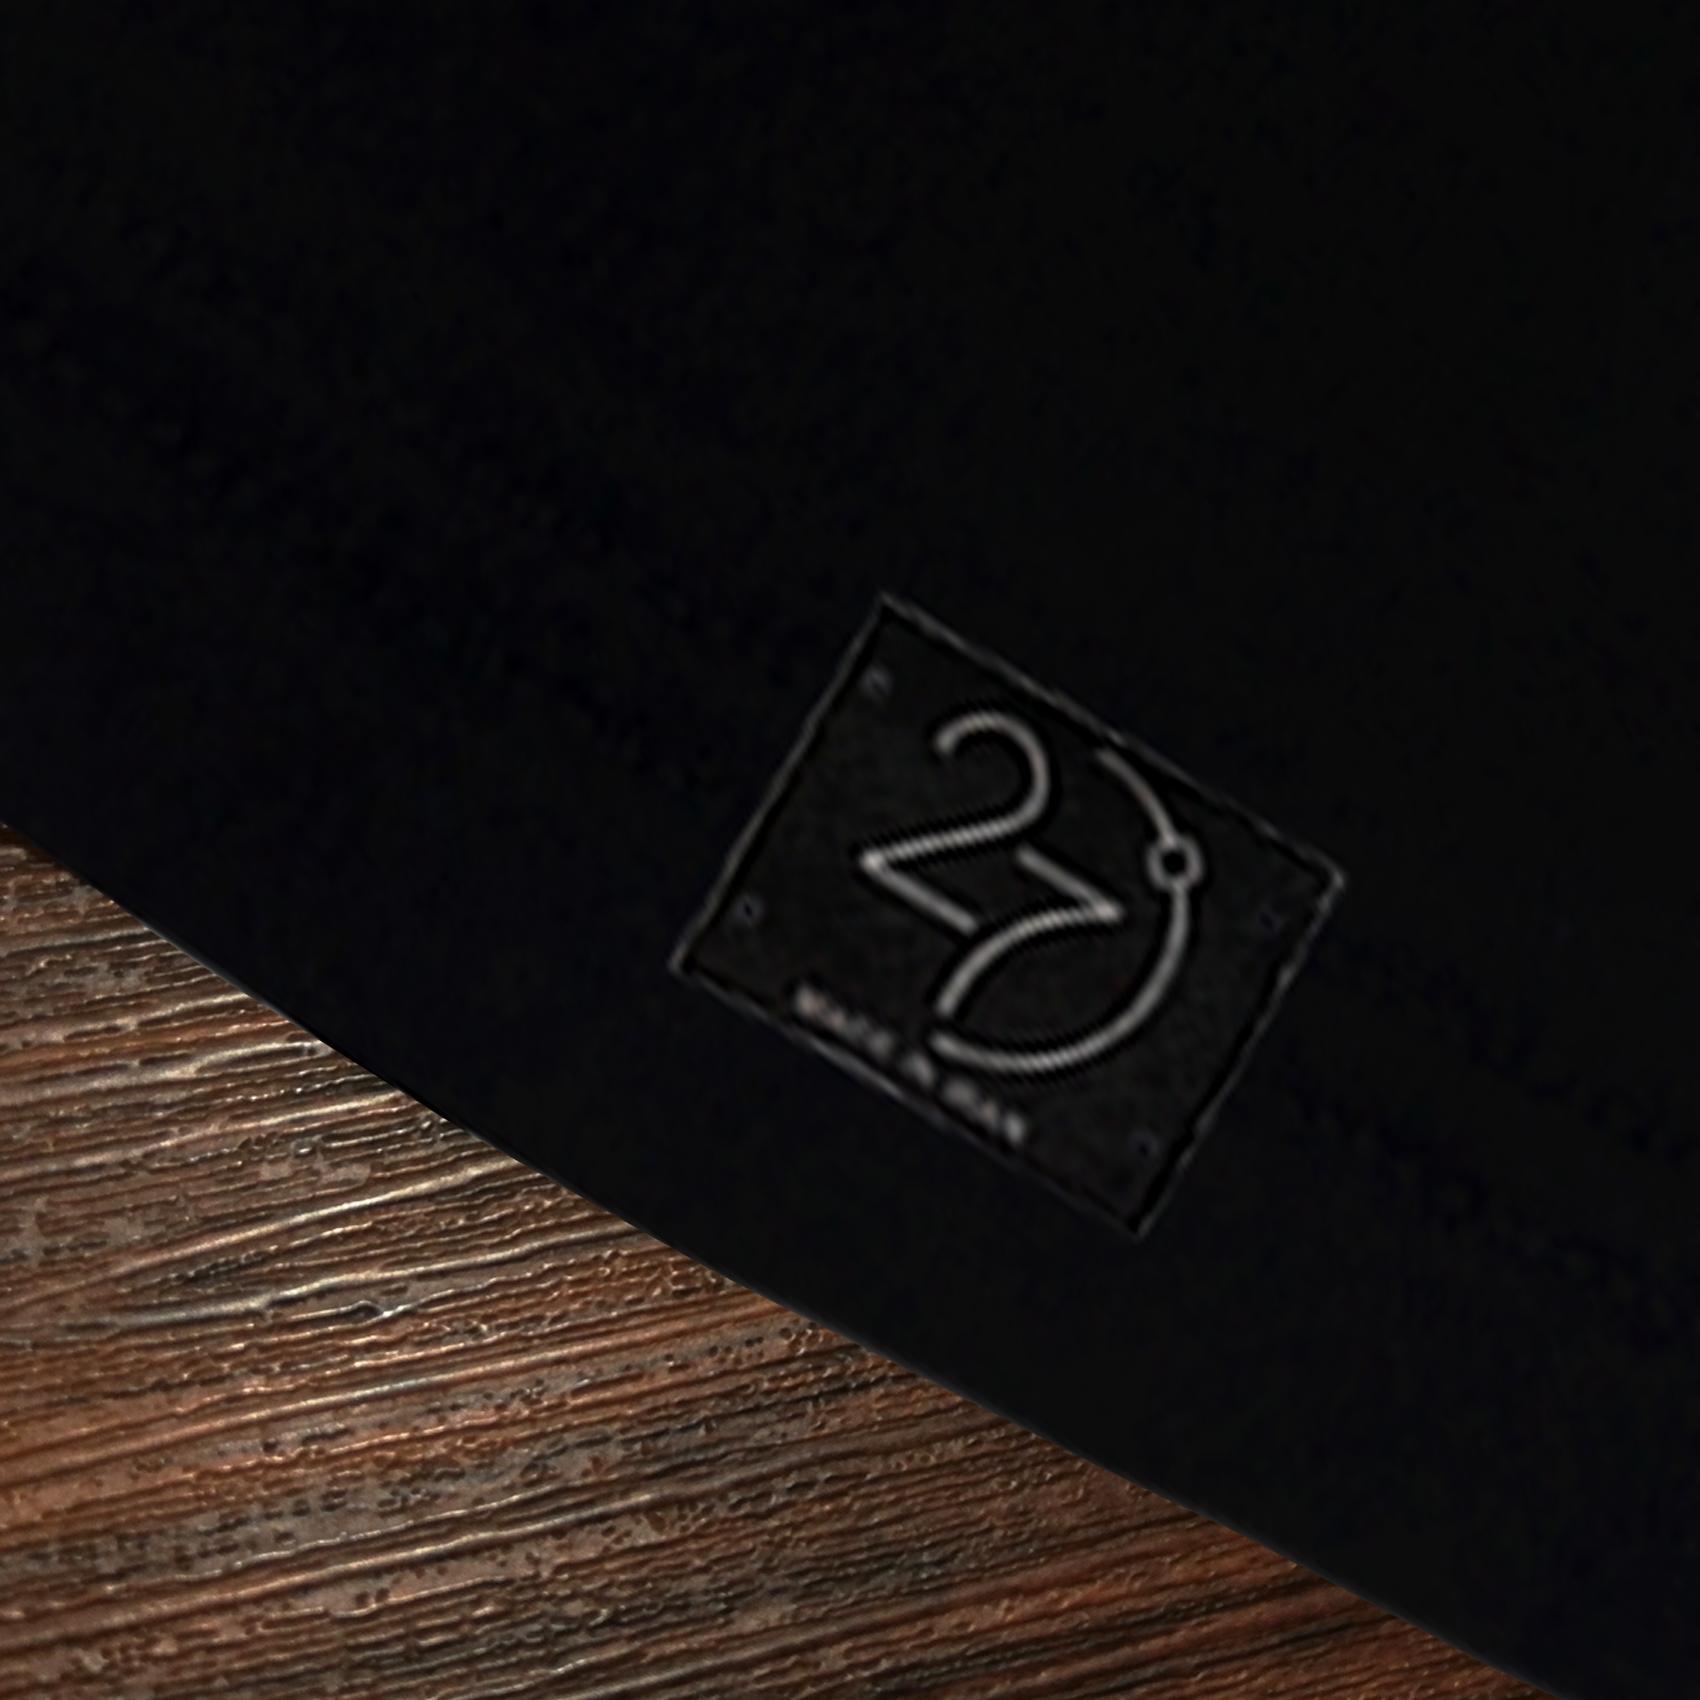 تی شرت آستین کوتاه مردانه 27 طرح بال کد TR09 رنگ مشکی -  - 5